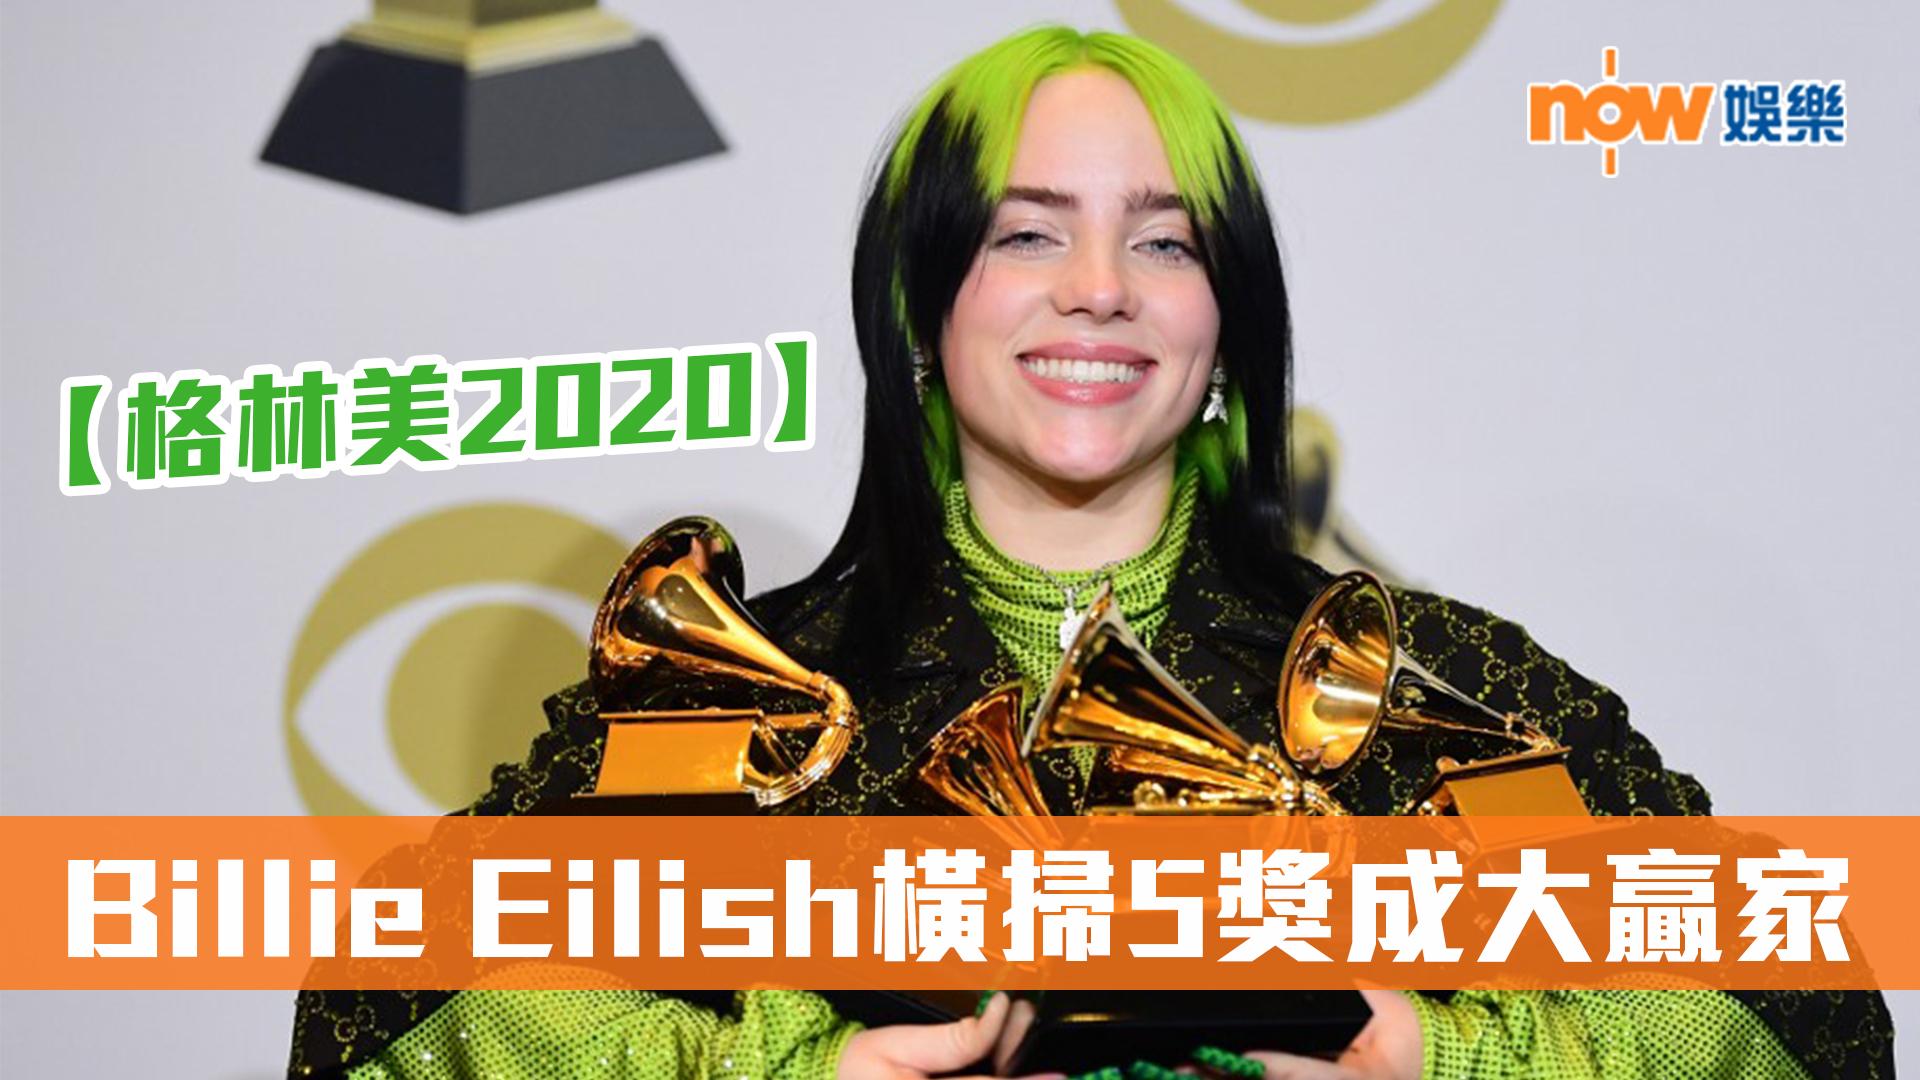 【格林美2020】Billie Eilish橫掃5獎 成最年輕「年度專輯」得主